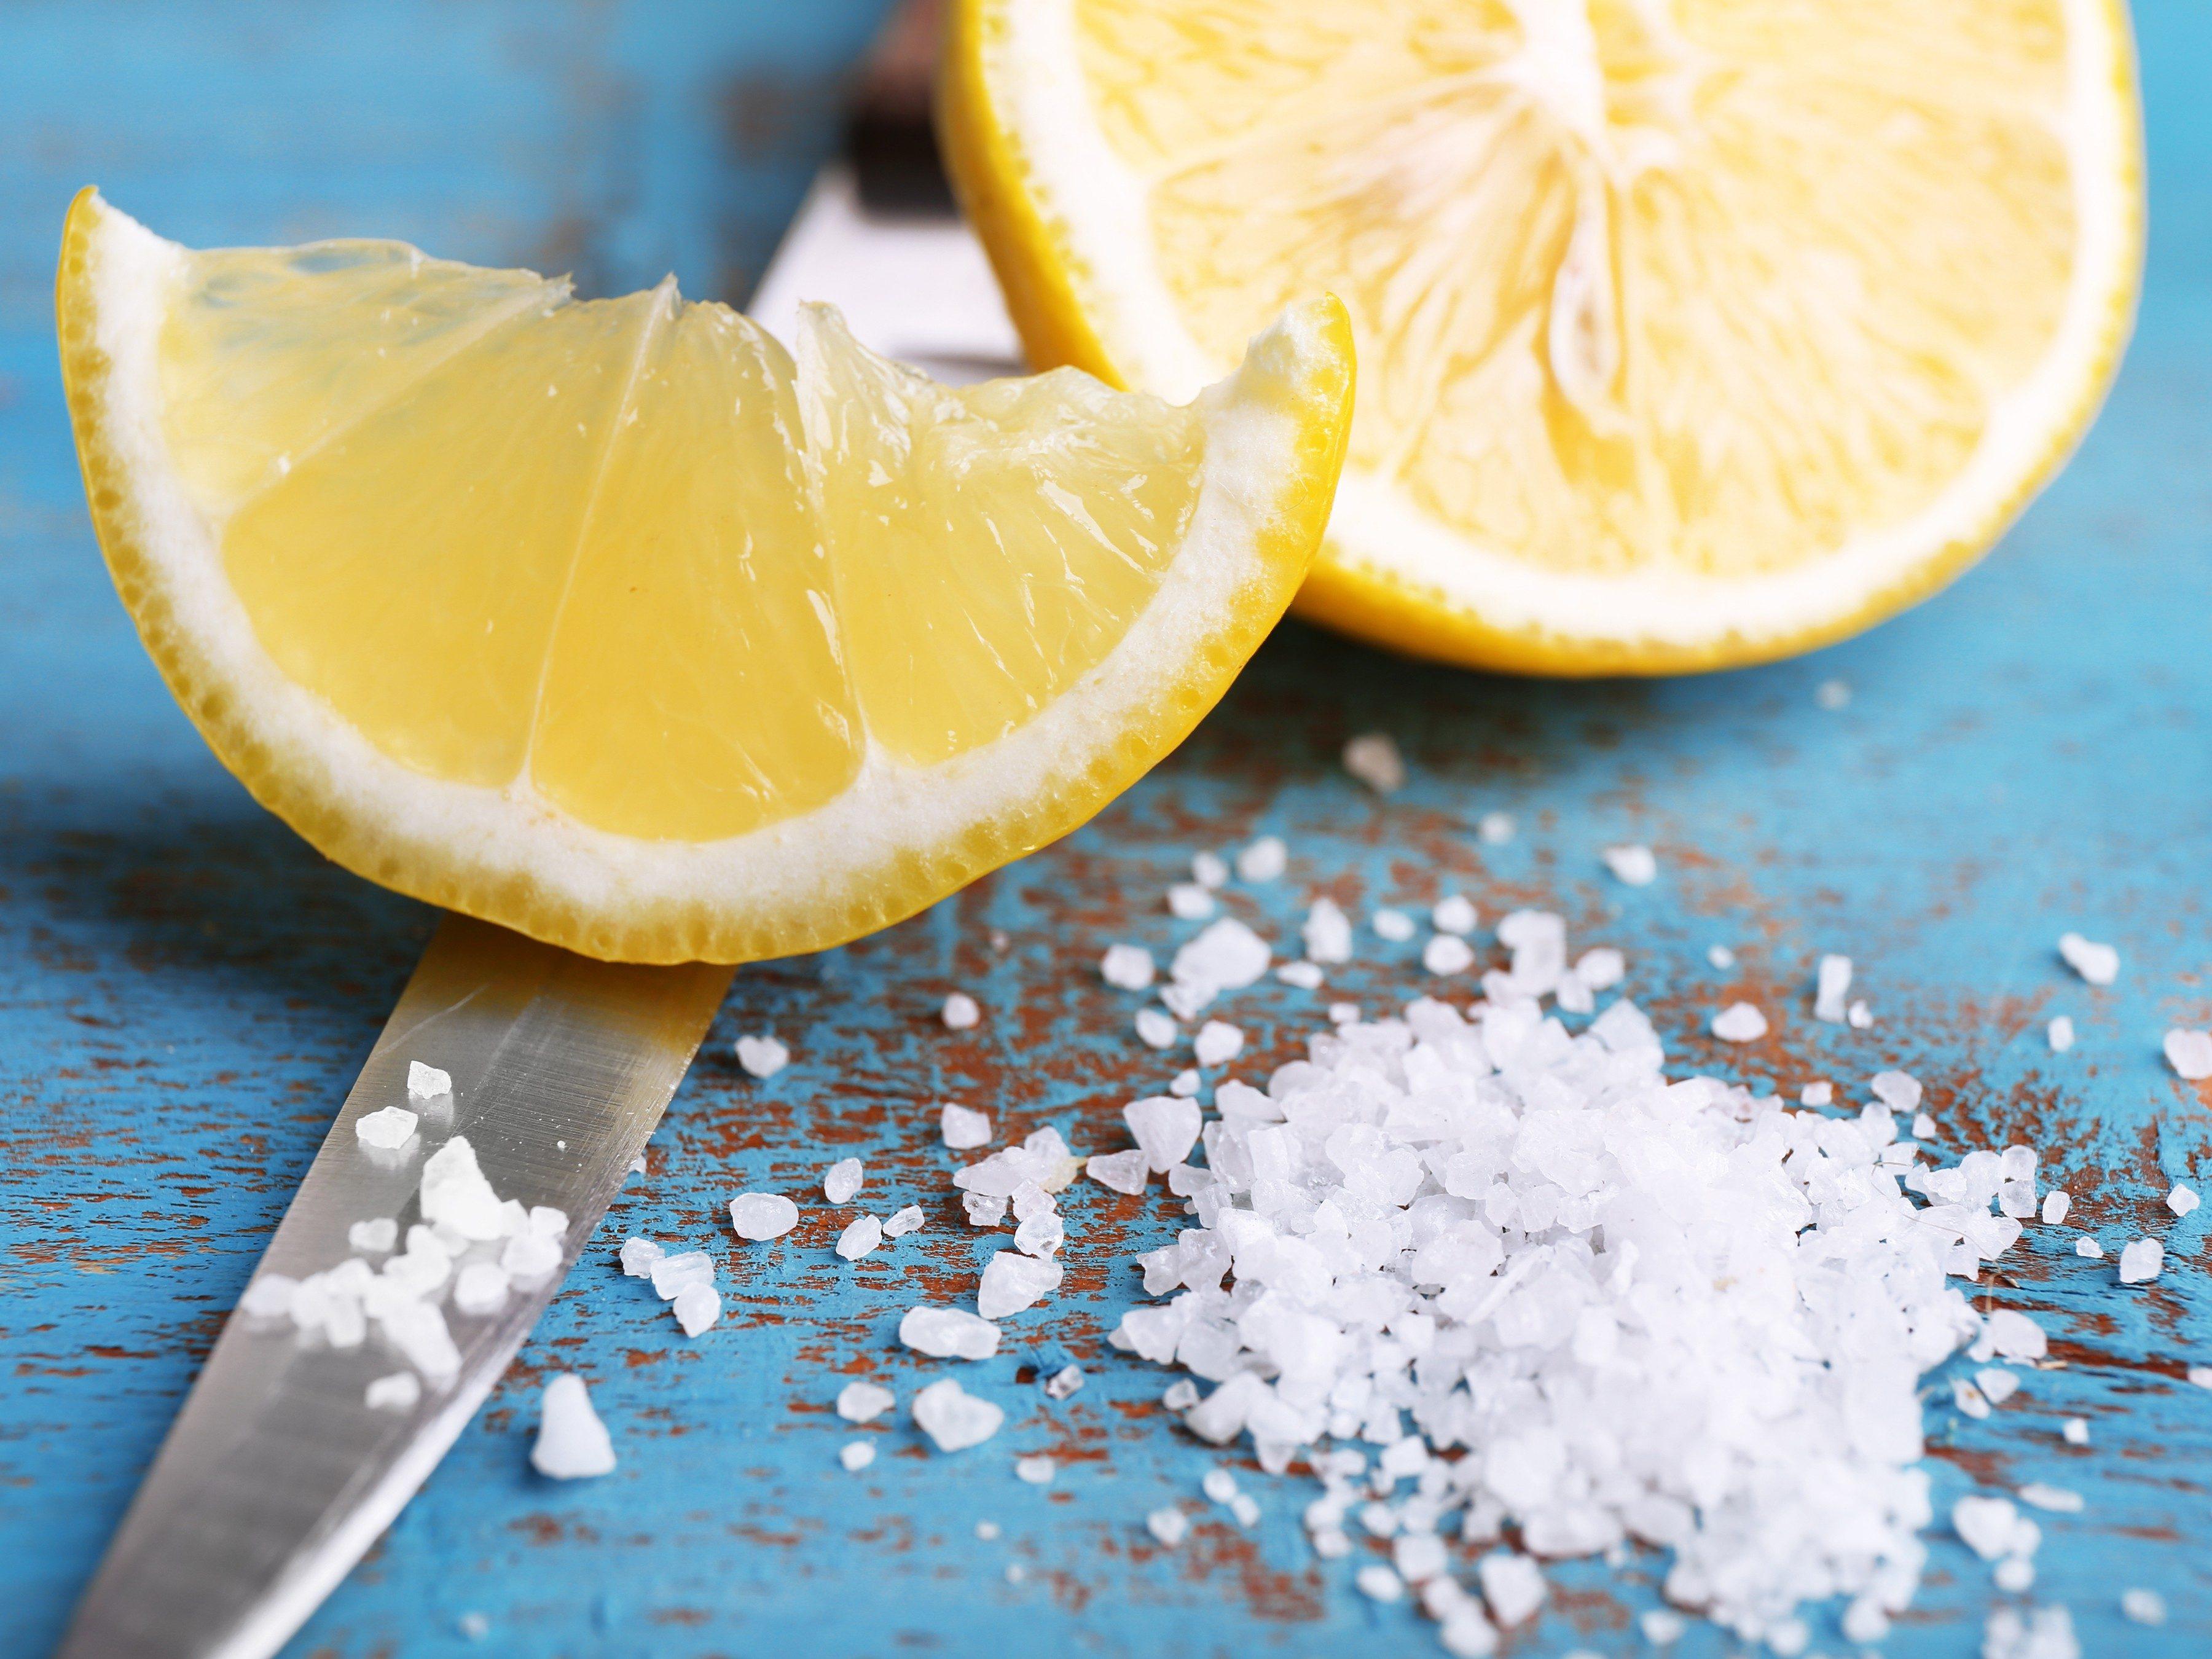 3. Use Lemons to Banish Mildew